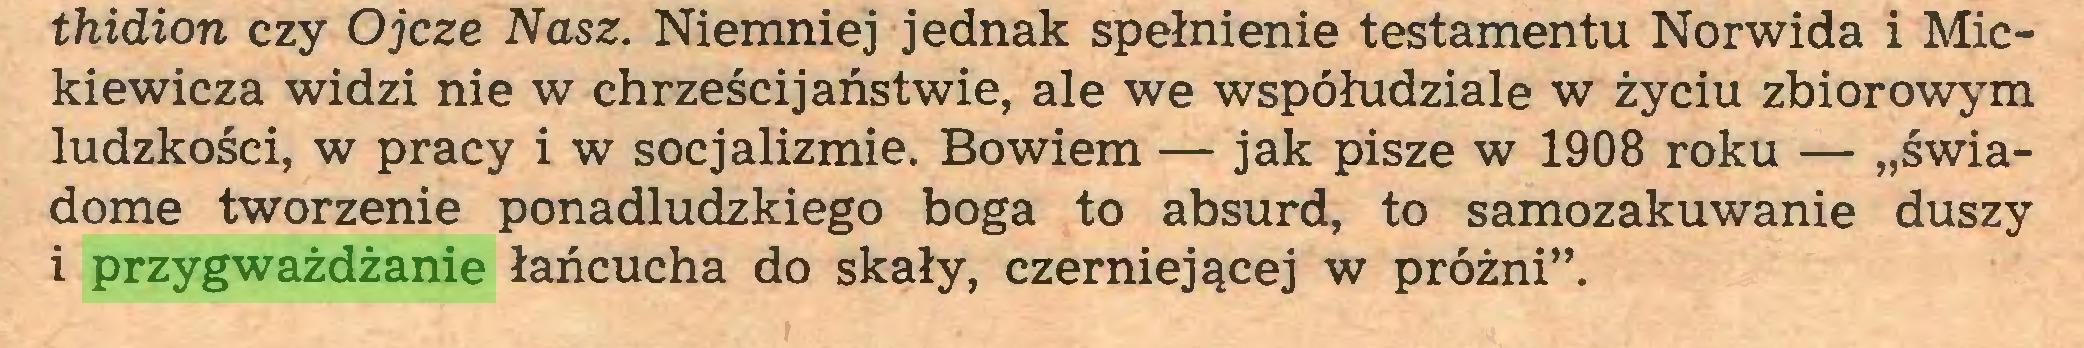 """(...) thidion czy Ojcze Nasz. Niemniej jednak spełnienie testamentu Norwida i Mickiewicza widzi nie w chrześcijaństwie, ale we współudziale w życiu zbiorowym ludzkości, w pracy i w socjalizmie. Bowiem — jak pisze w 1908 roku — """"świadome tworzenie ponadludzkiego boga to absurd, to samozakuwanie duszy 1 przygważdżanie łańcucha do skały, czerniejącej w próżni""""..."""